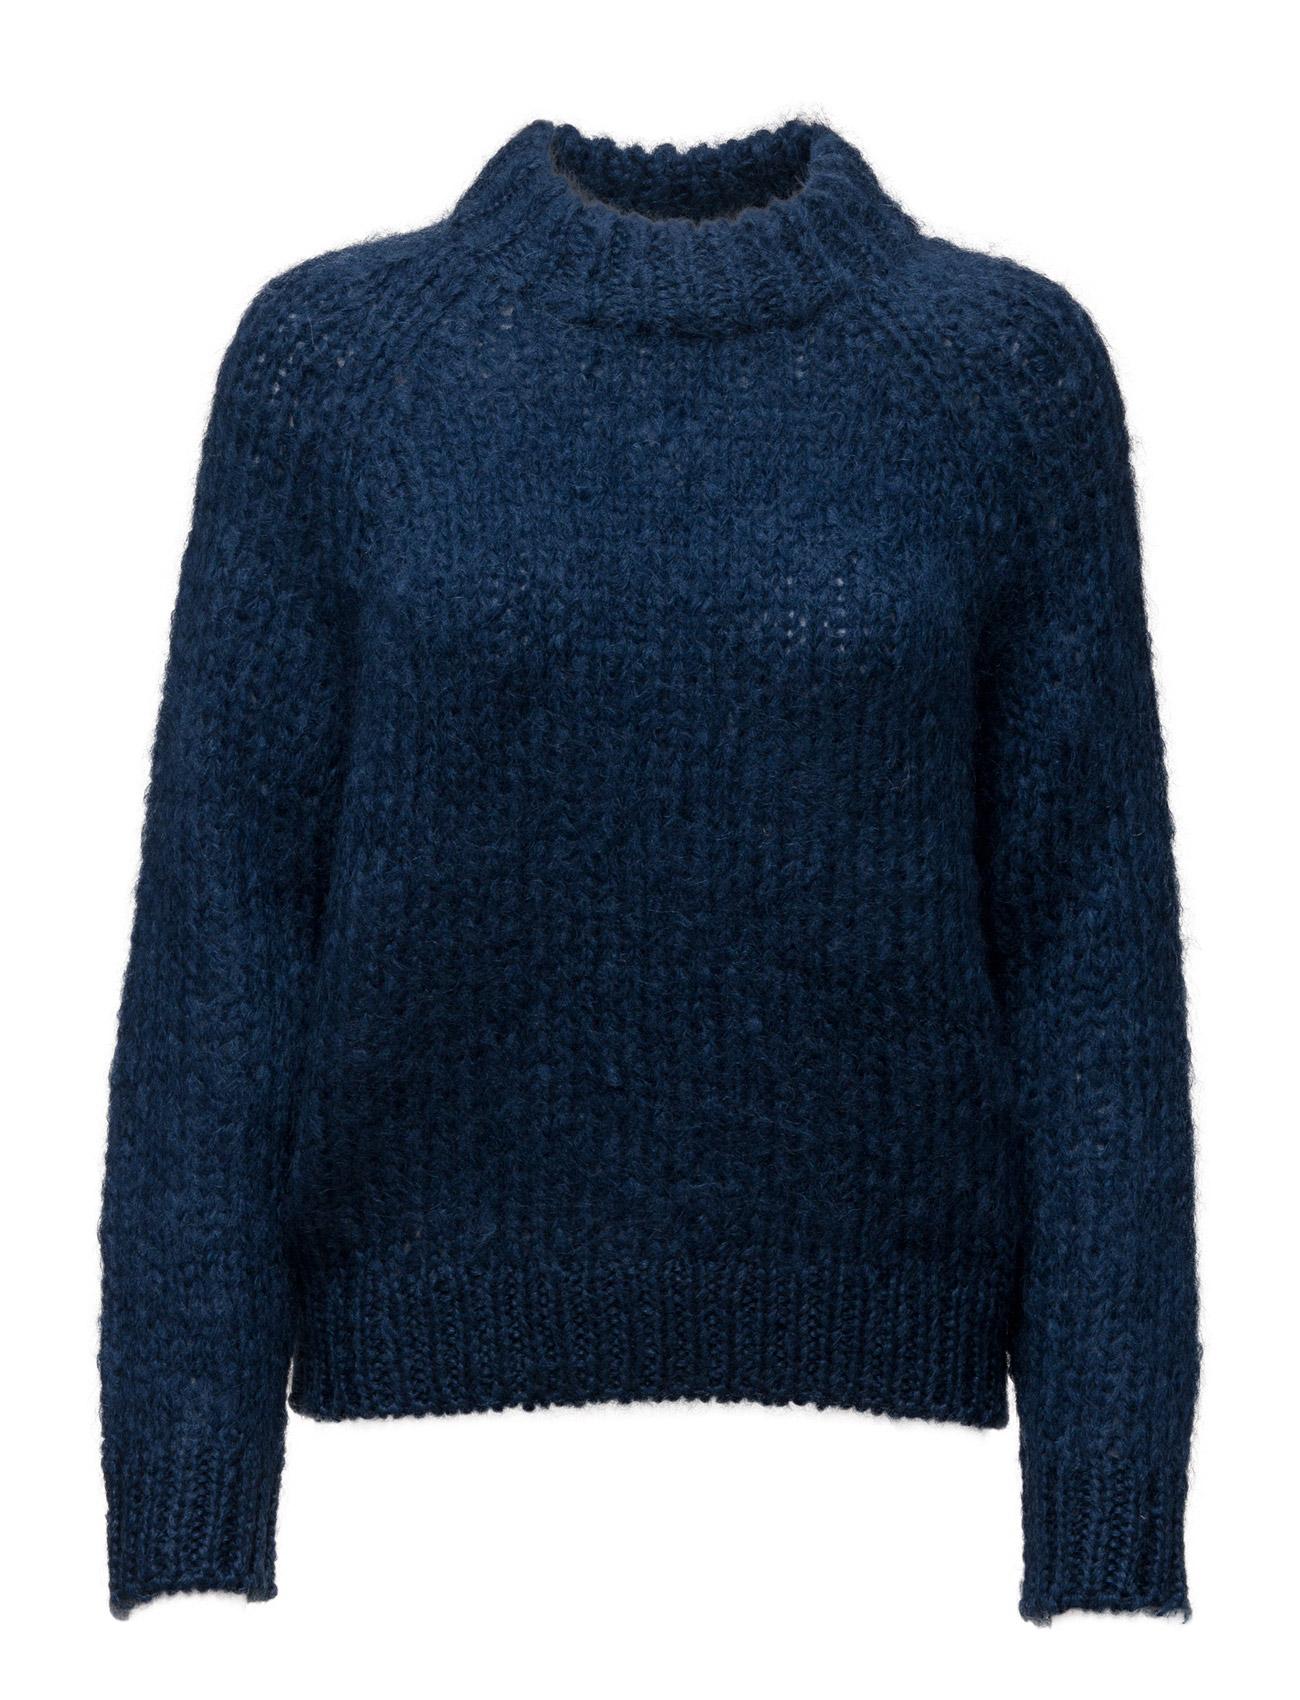 Atwo O-Neck 6555 Samsøe & Samsøe Sweatshirts til Damer i Estate Blå